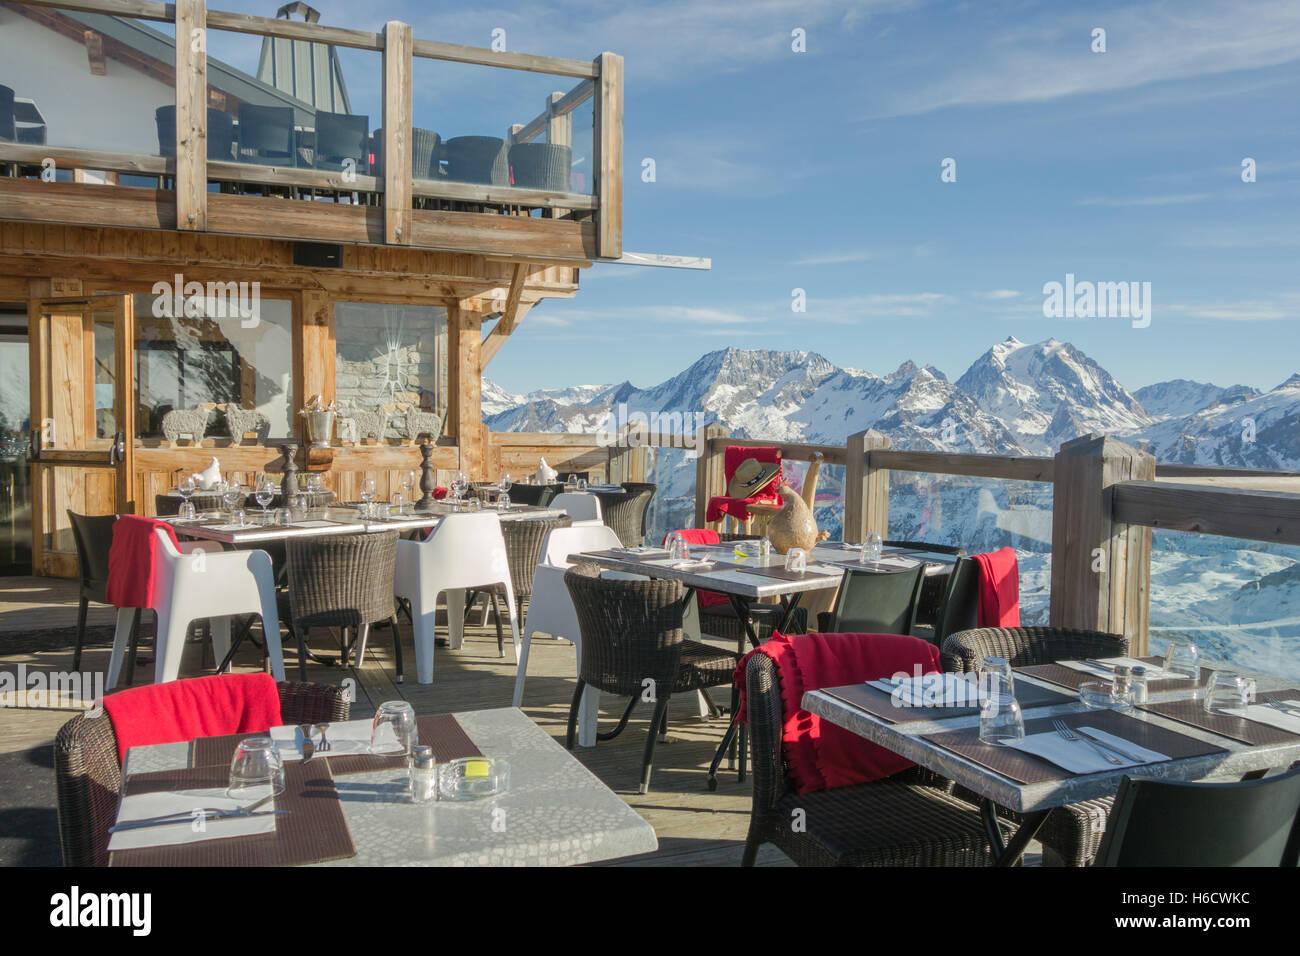 Le Panoramic Ristorante - Sistemazione di ristorante di montagna al di sopra di Courchevel 1850, con la Grande casse Immagini Stock